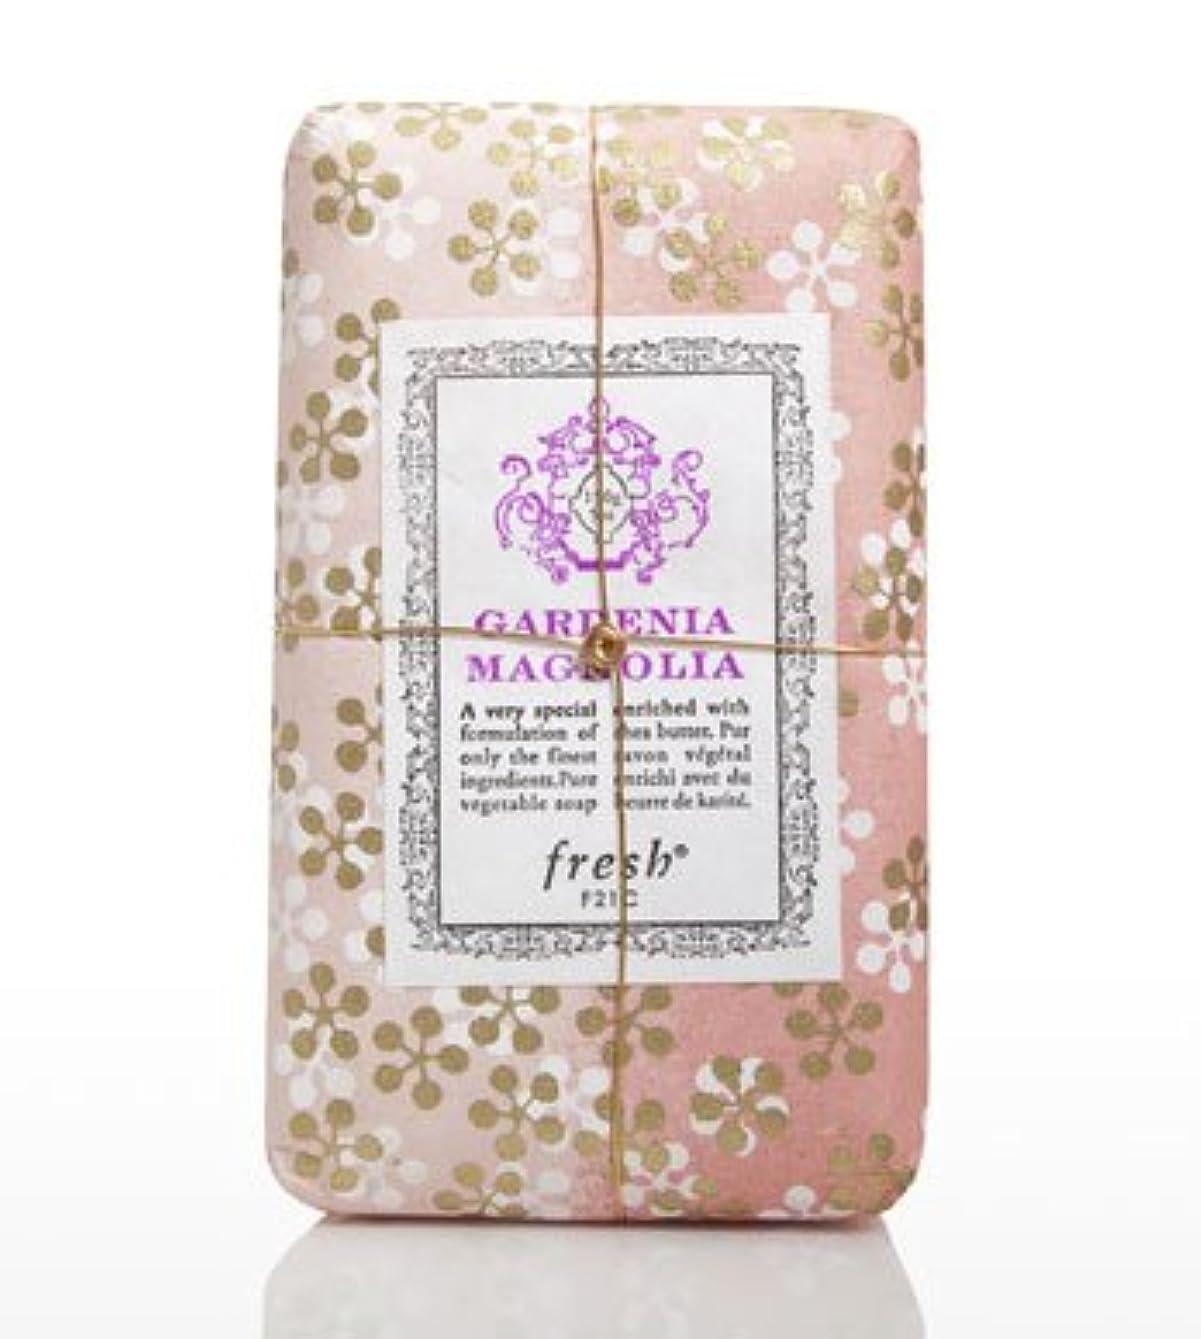 インポート染色ドナーFresh GARDENIA MAGNOLIA SOAP(フレッシュ ガーデナマグノリア ソープ) 5.0 oz (150gl) 石鹸 by Fresh